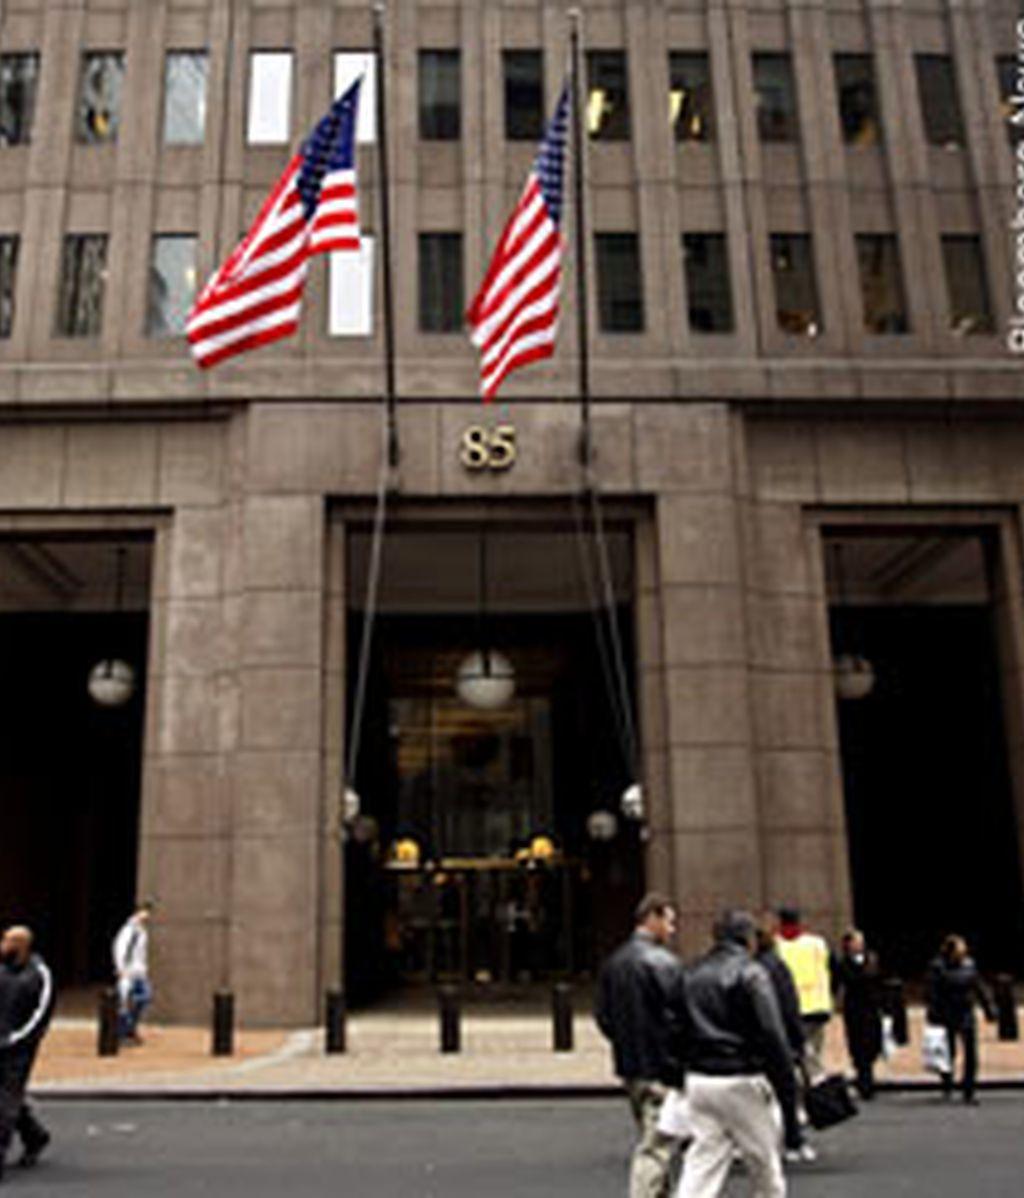 La Comisión de Mercados y Valores de EEUU ha acusado al banco de inversión Goldman Sachs y a uno de sus vicepresidentes de fraude por ocultar información sobre un producto ligado a las hipotecas subprime.